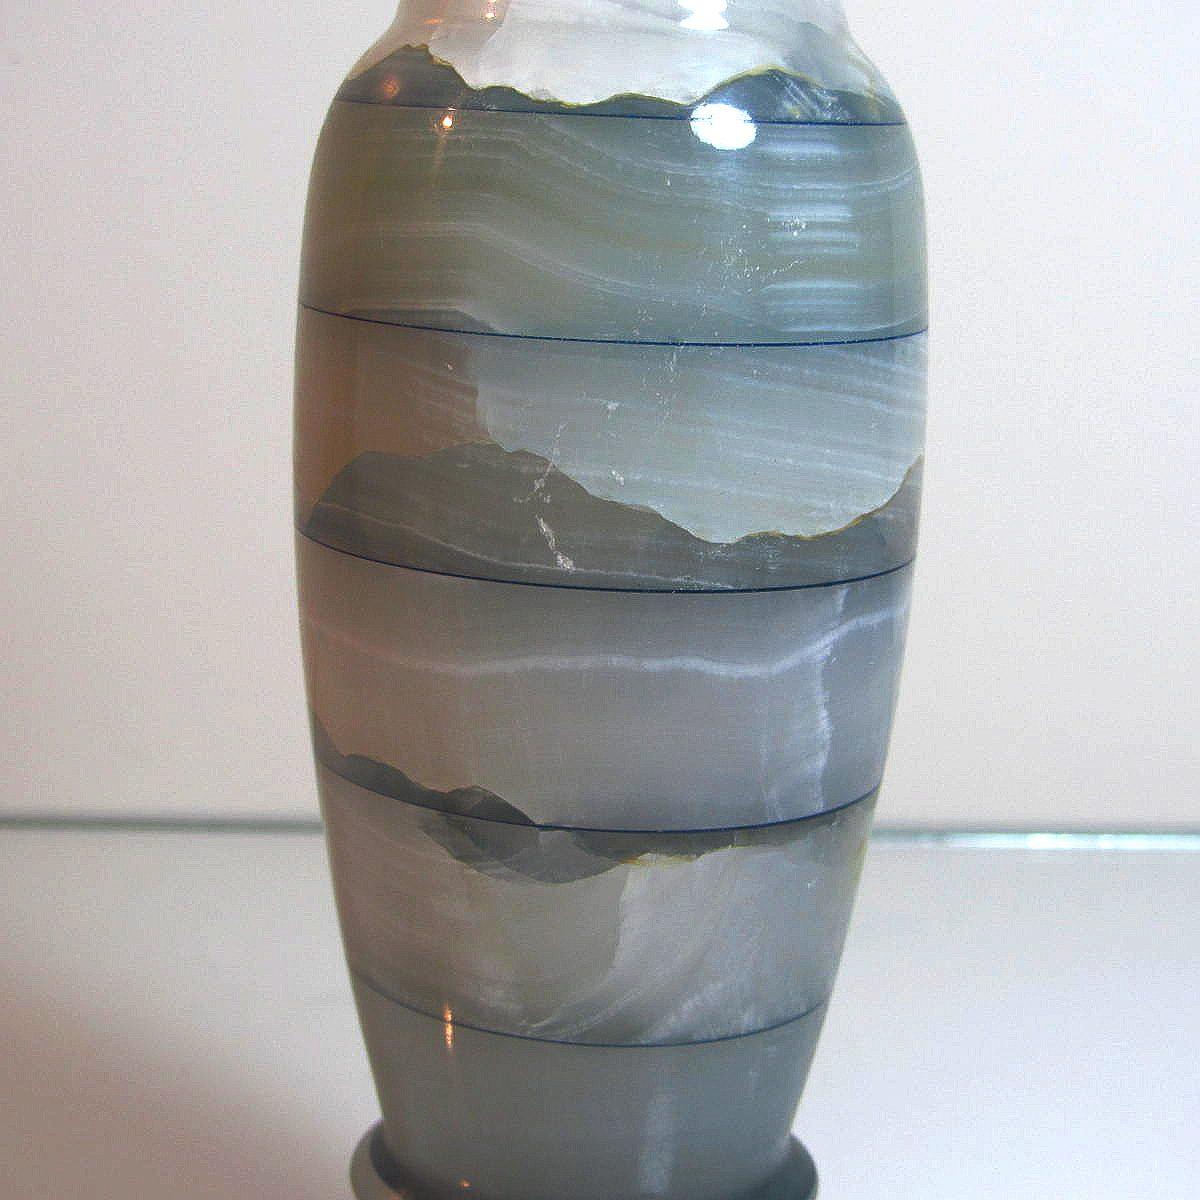 Mermer Vazo Cam-Taş Objeler Mermer